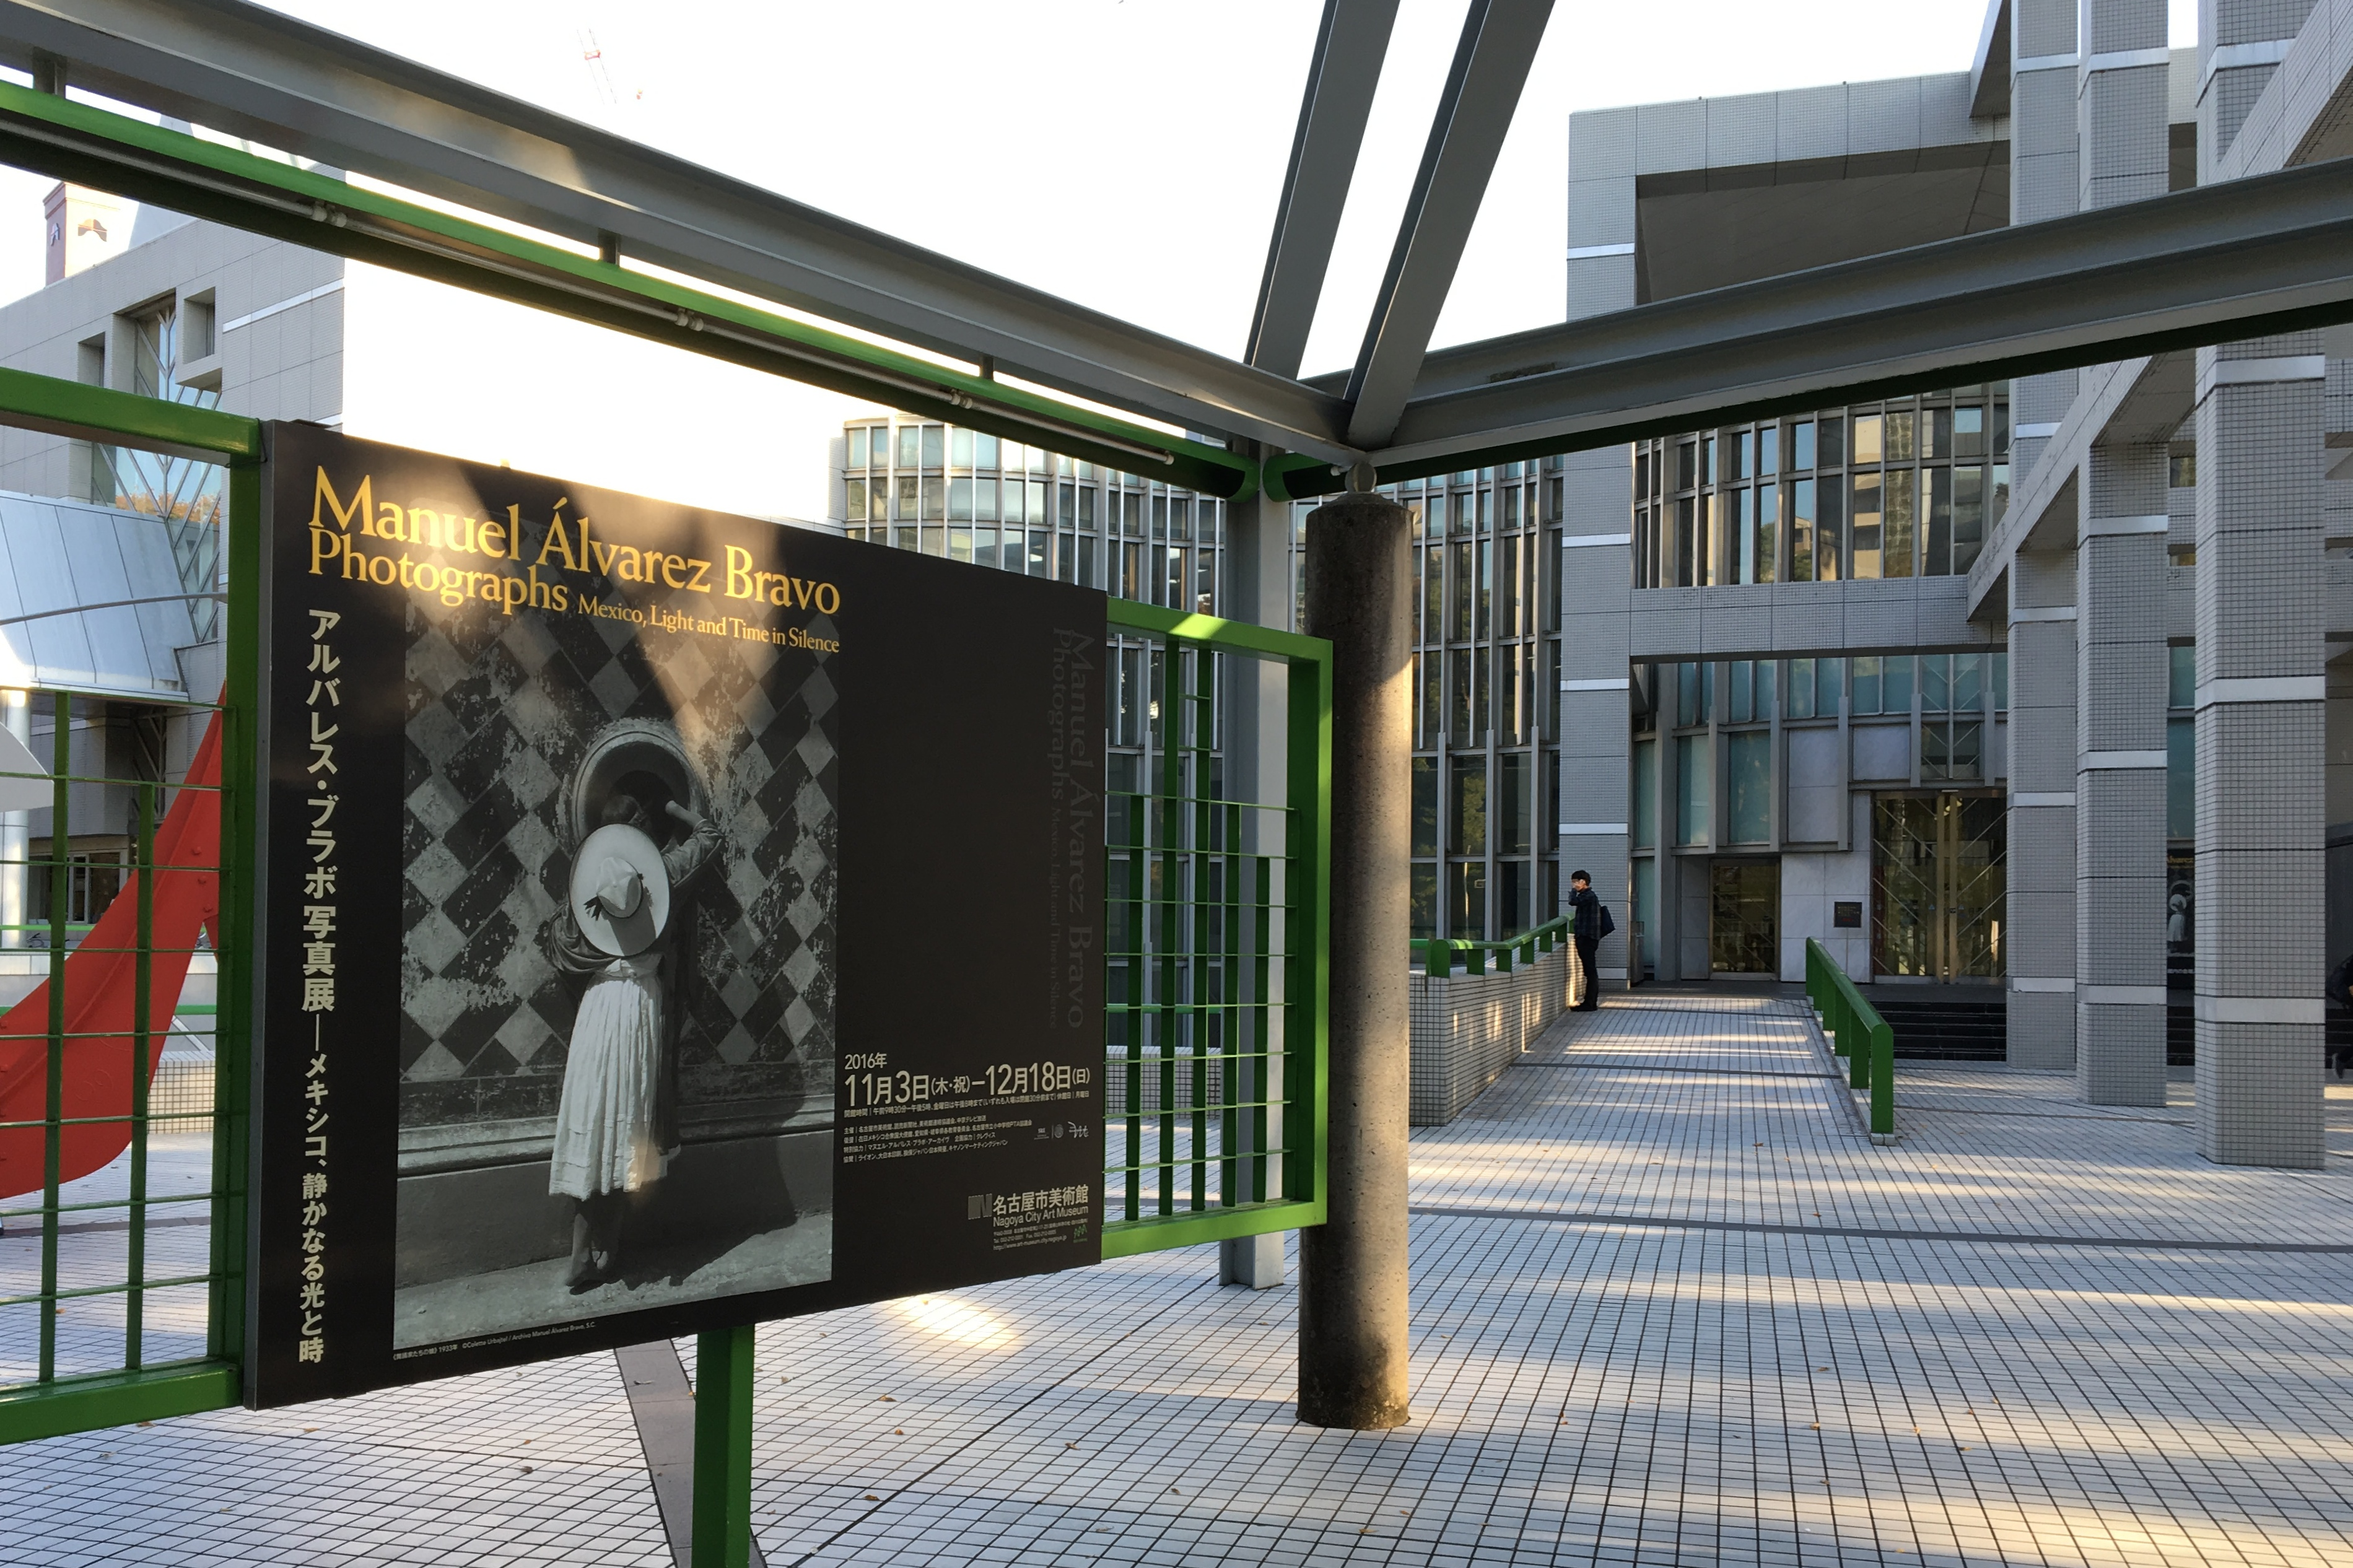 名古屋市美術館アルバレス・ブラボ